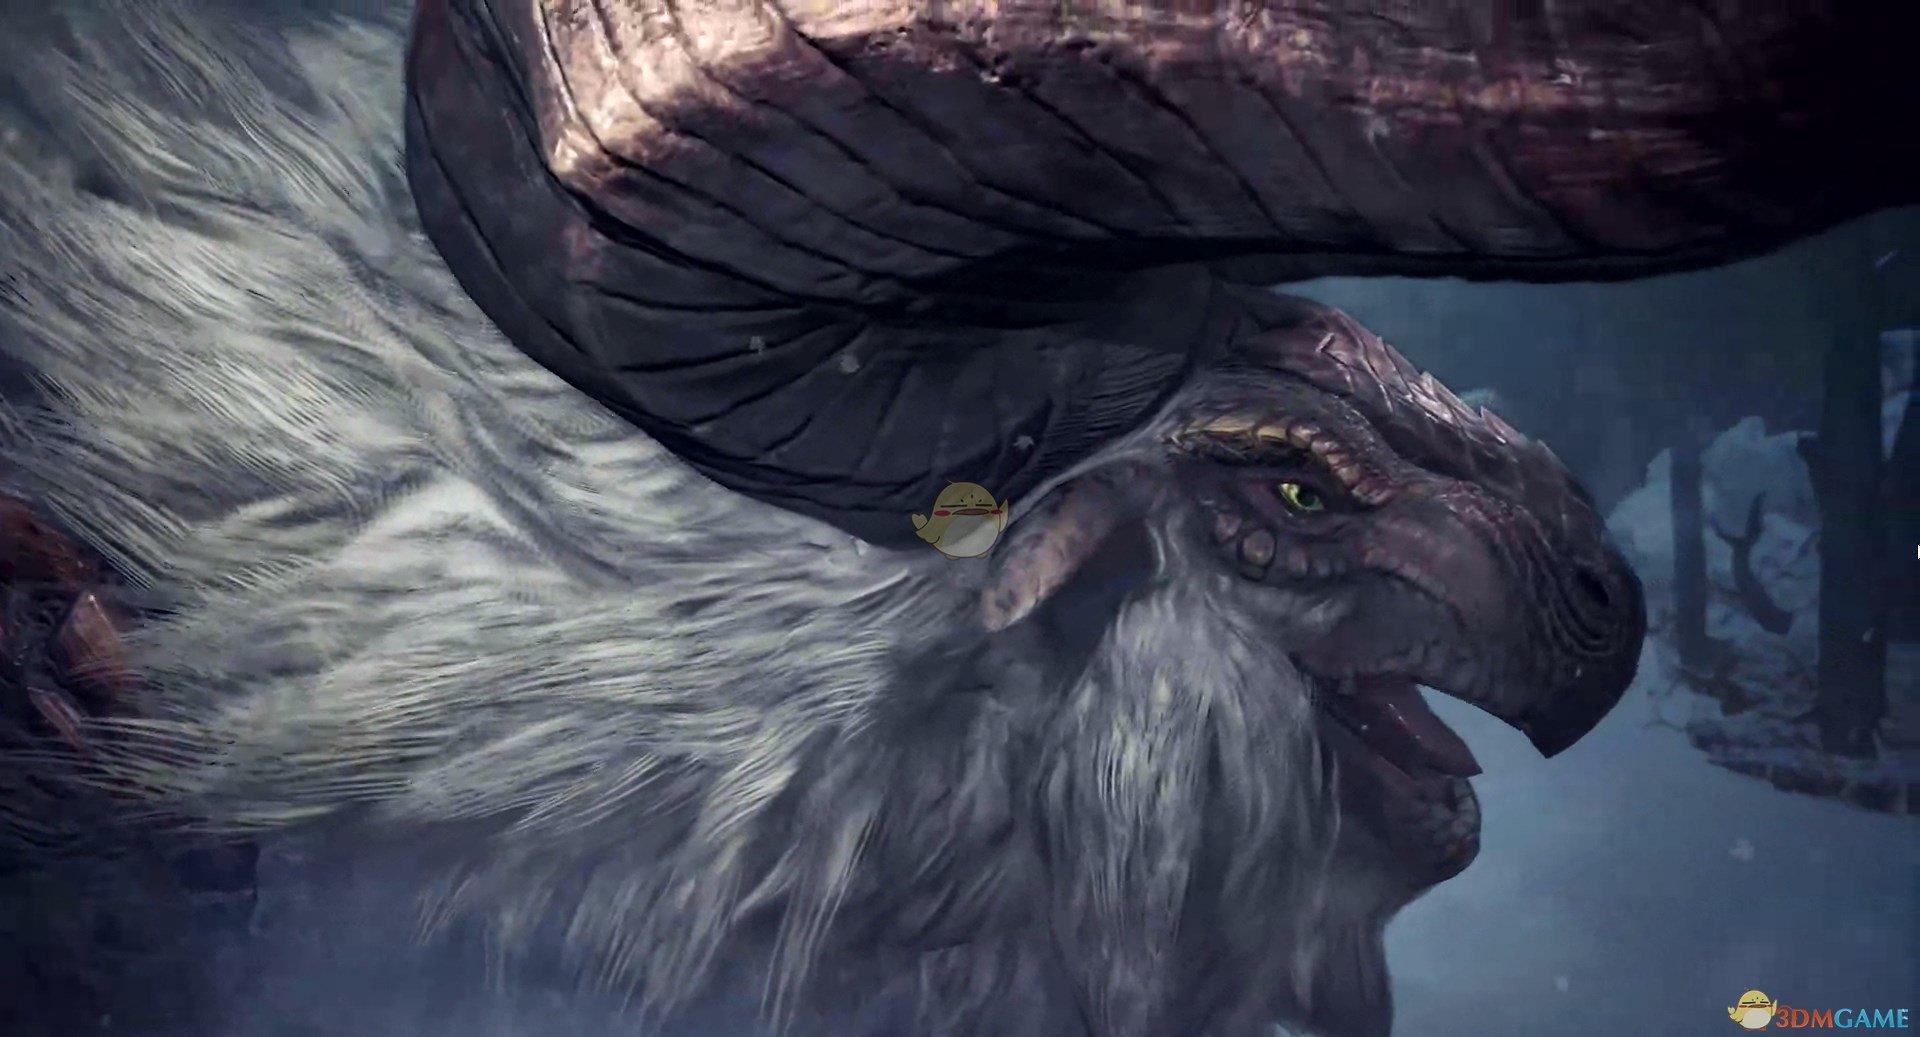 《怪物猎人:世界》冰原DLC轻弩重弩新增通用零件介绍